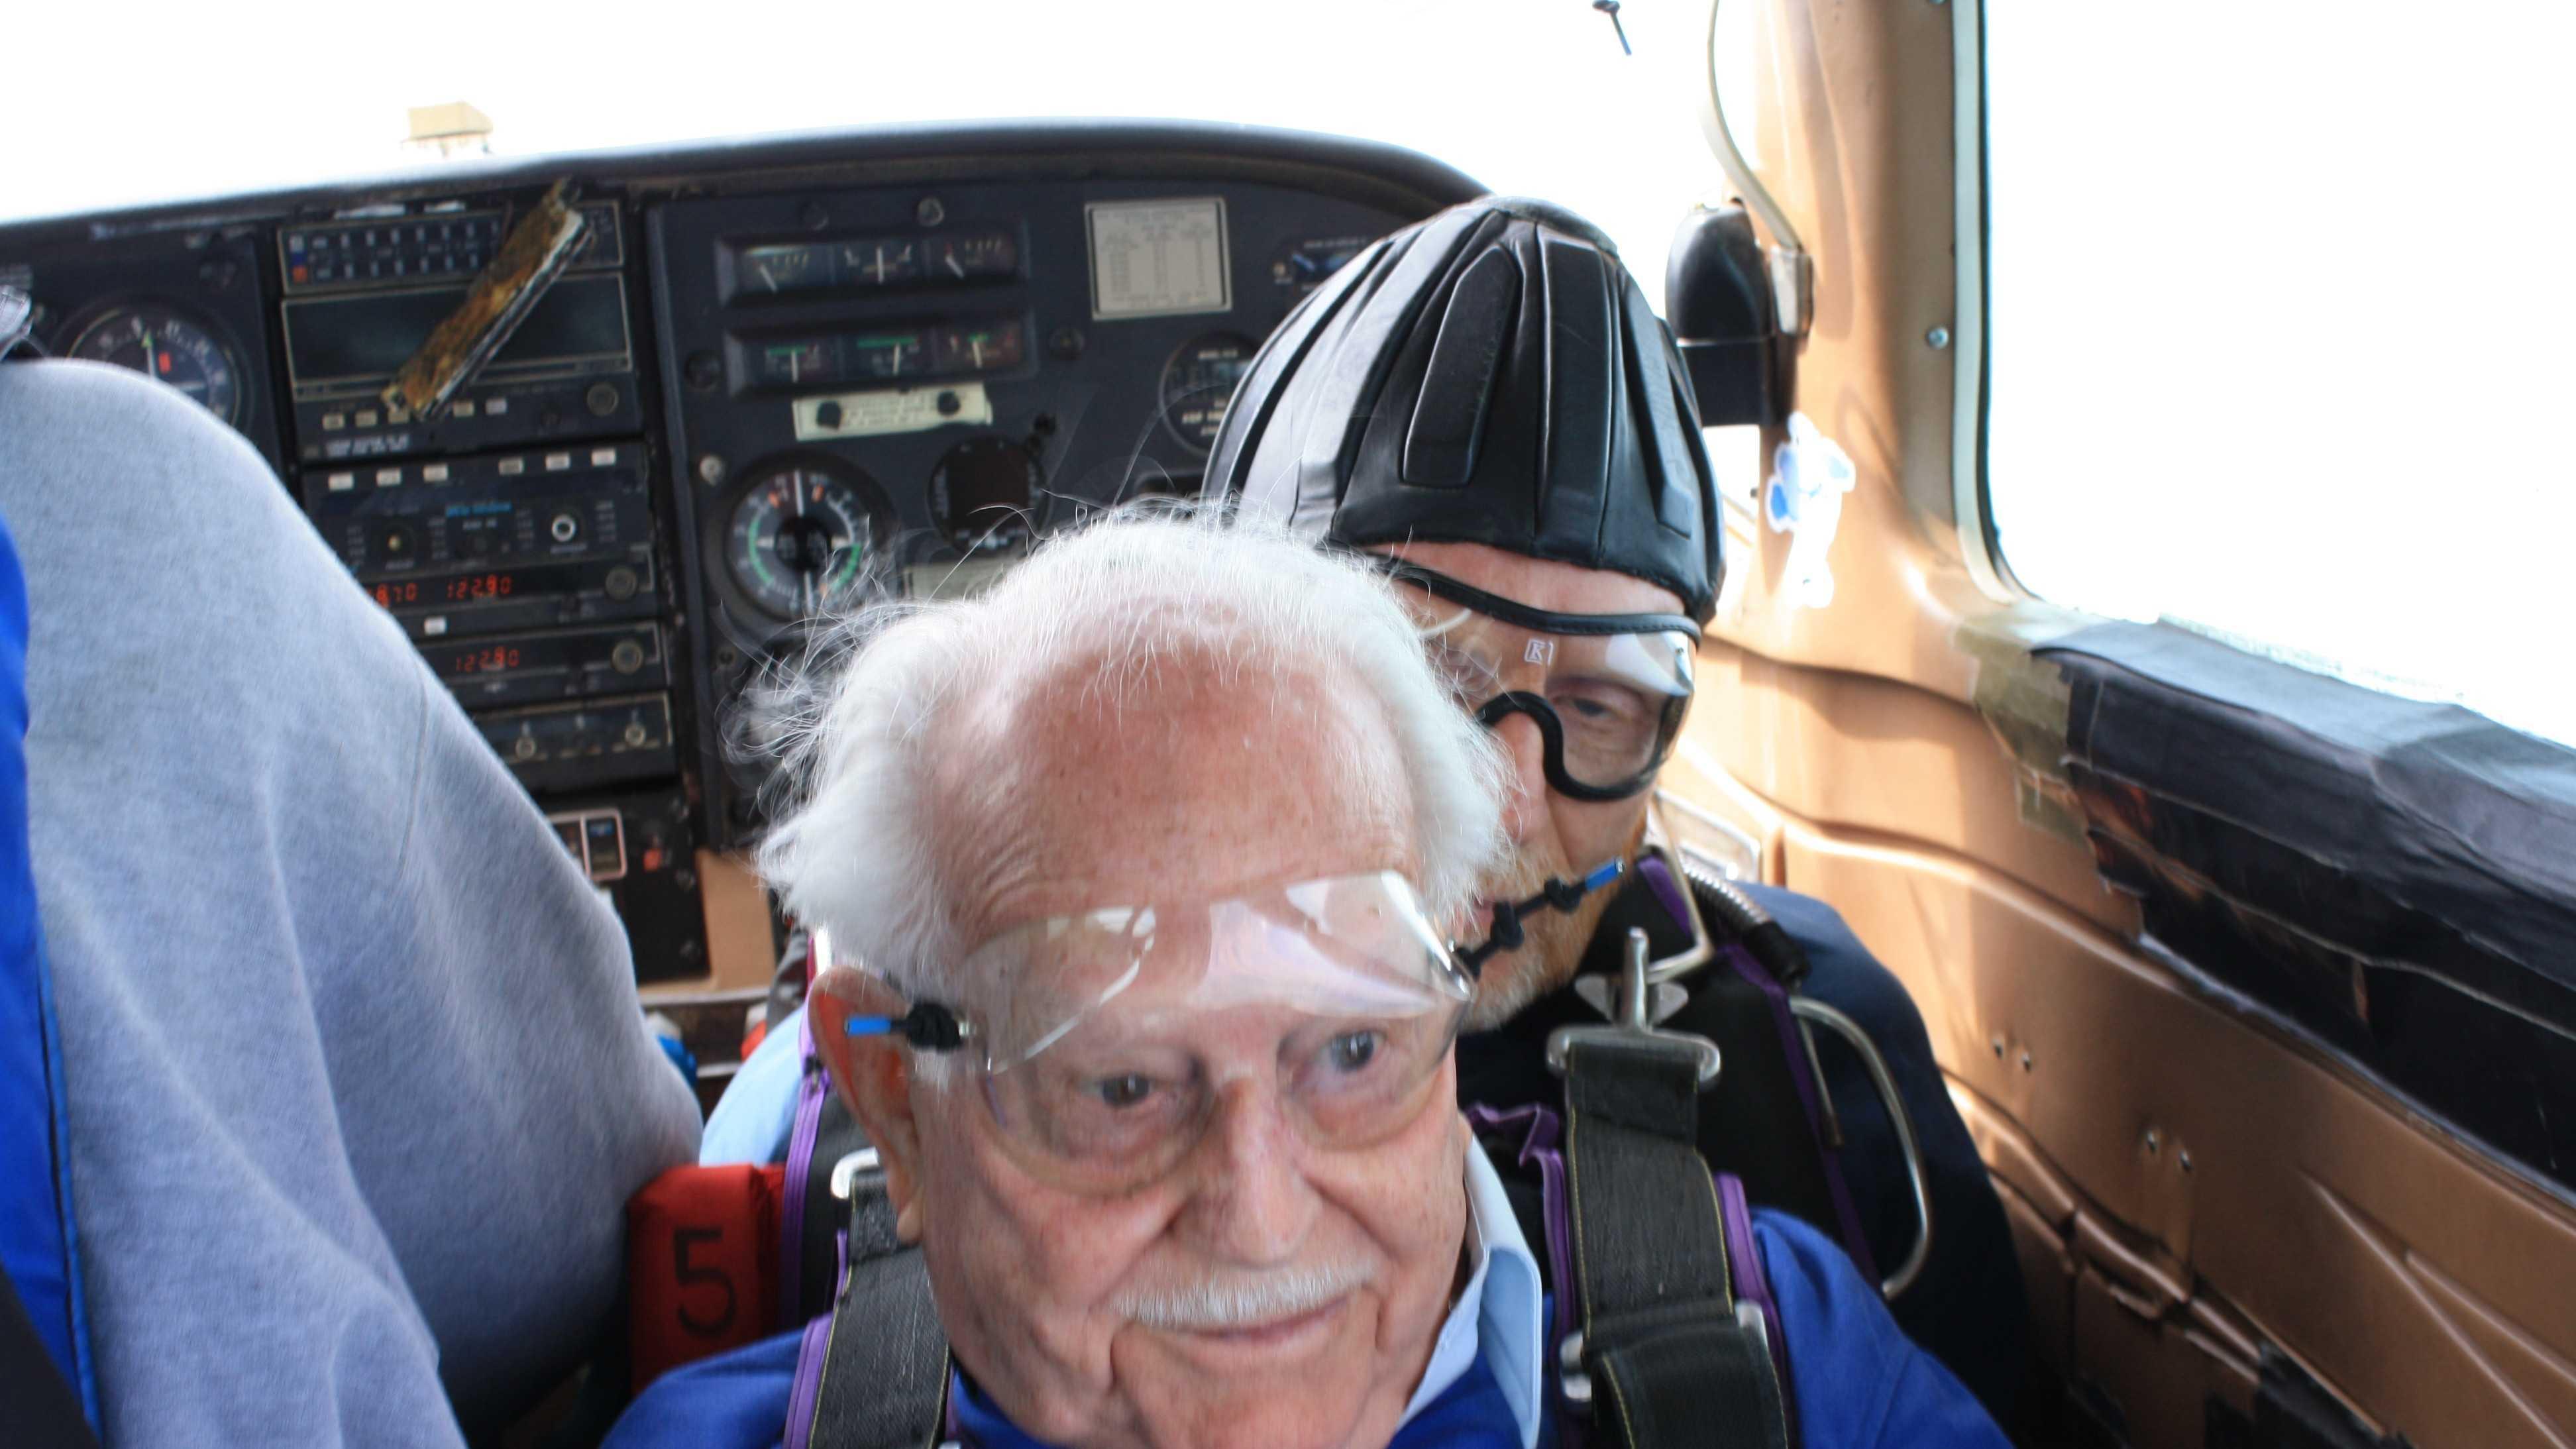 052513 skydiving (13).JPG